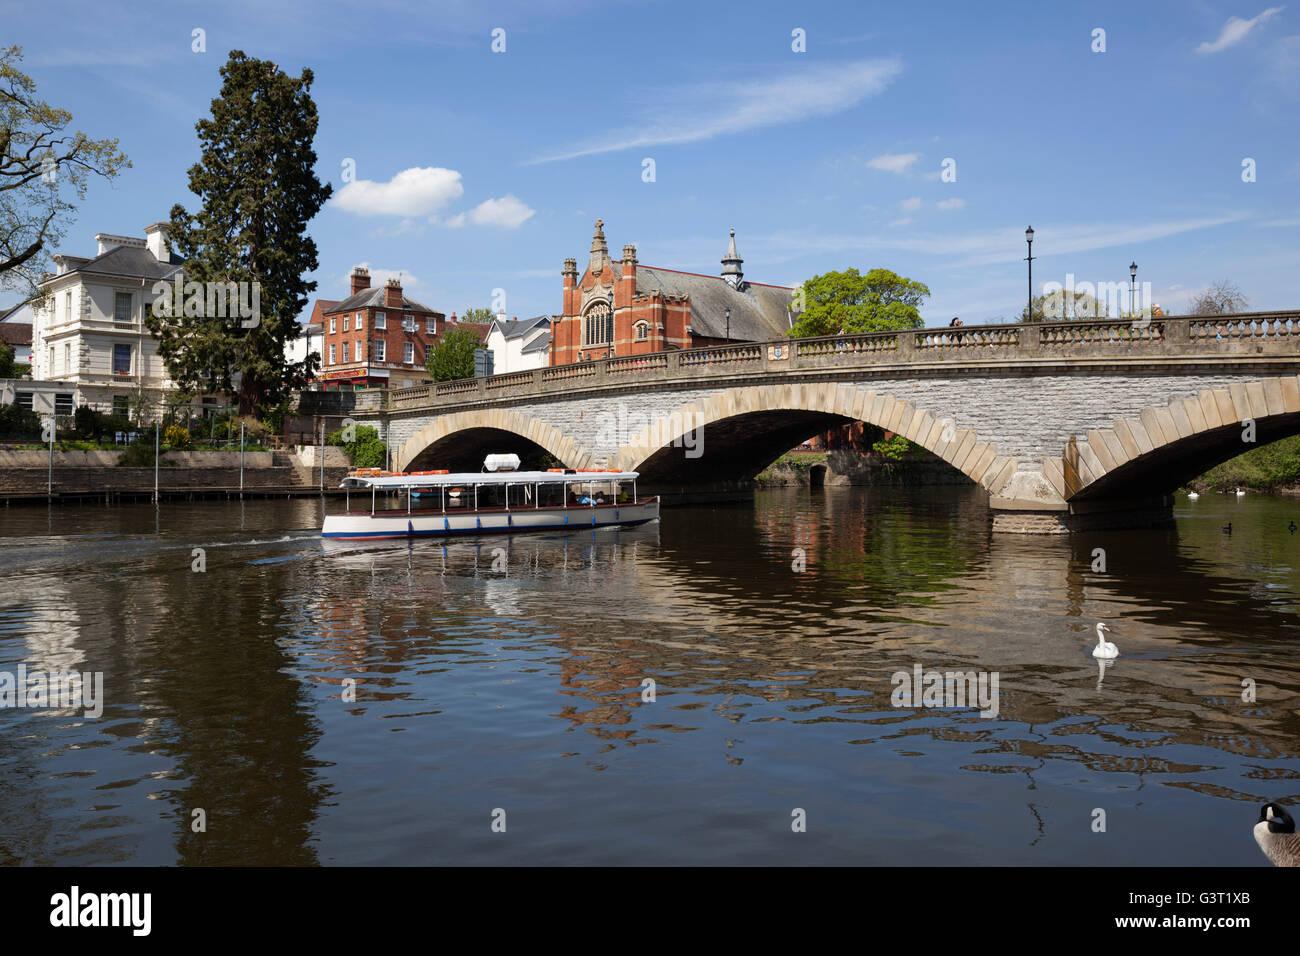 River Avon and bridge, Evesham, Worcestershire, England, United Kingdom, Europe - Stock Image